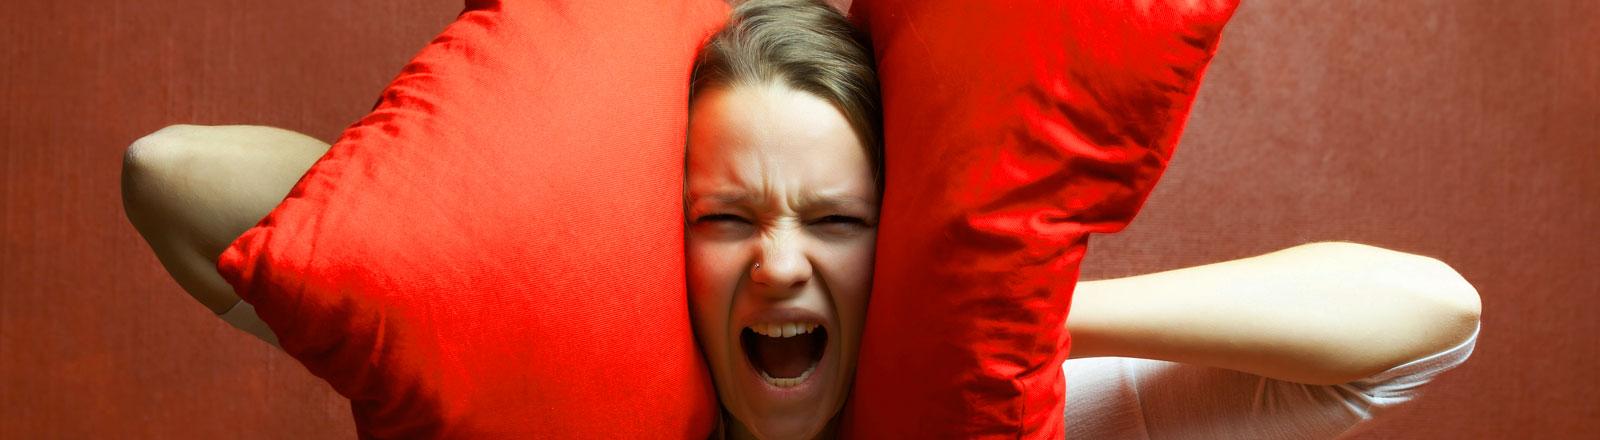 Eine Frau hält sich zwei Kissen an den Kopf